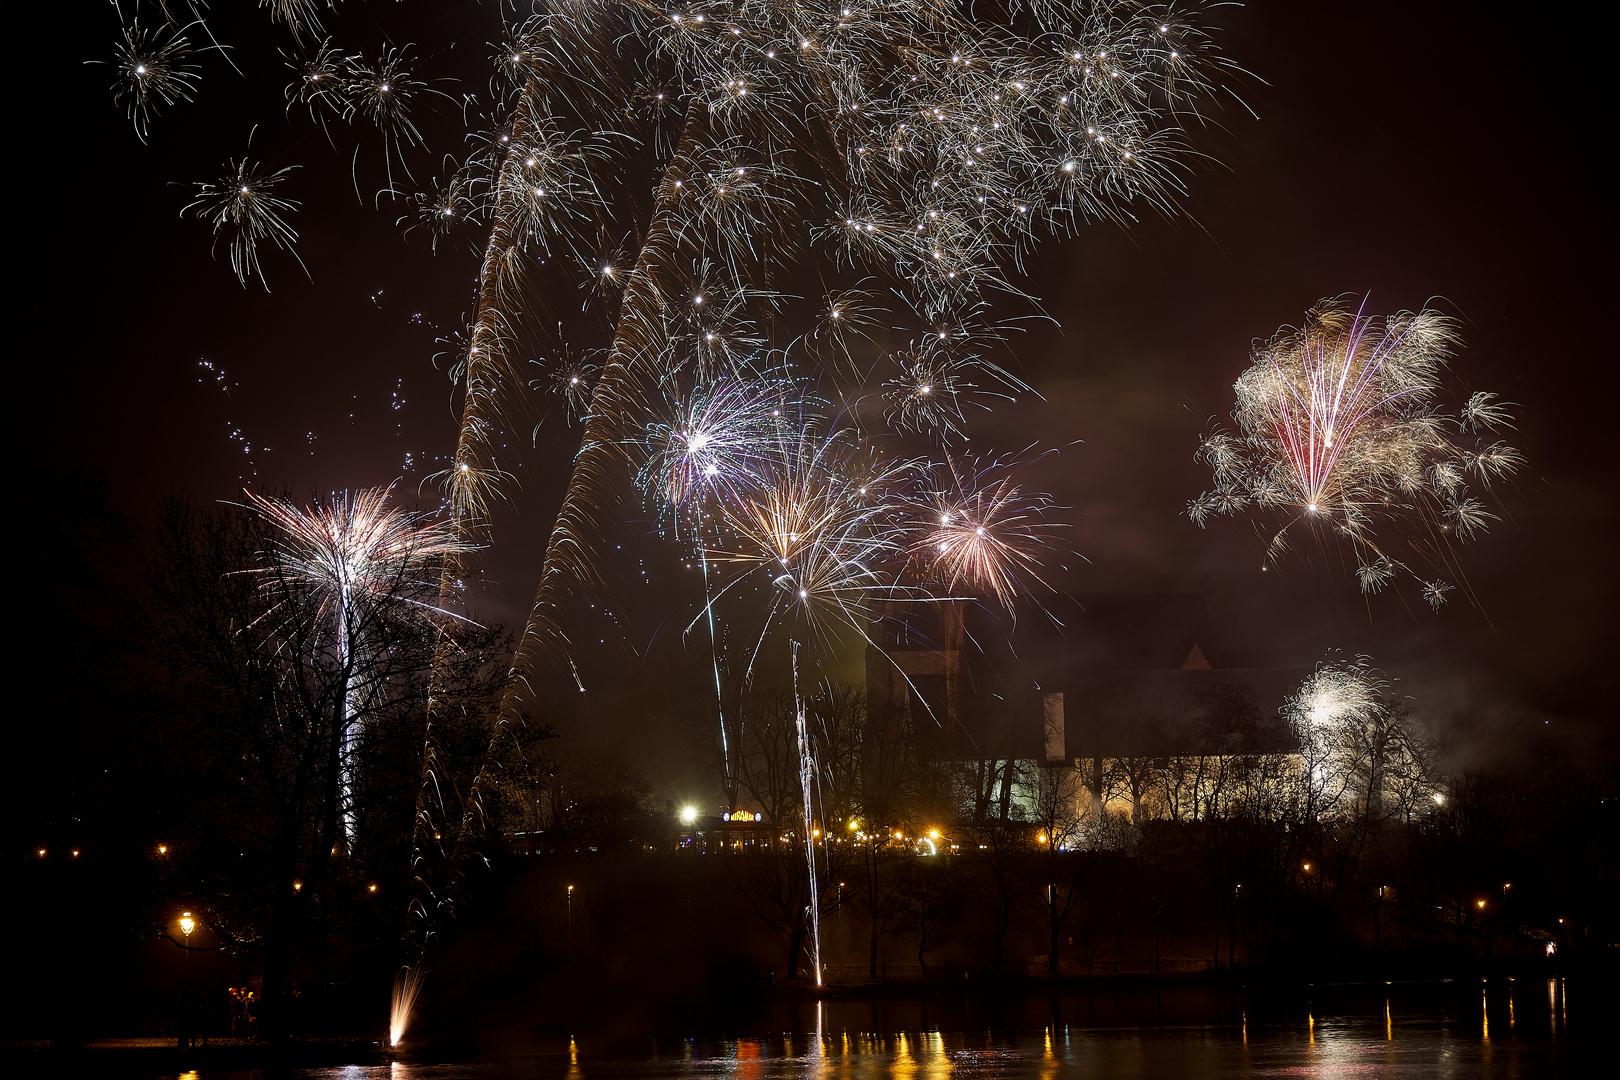 Feuerwerk am Schlossteich